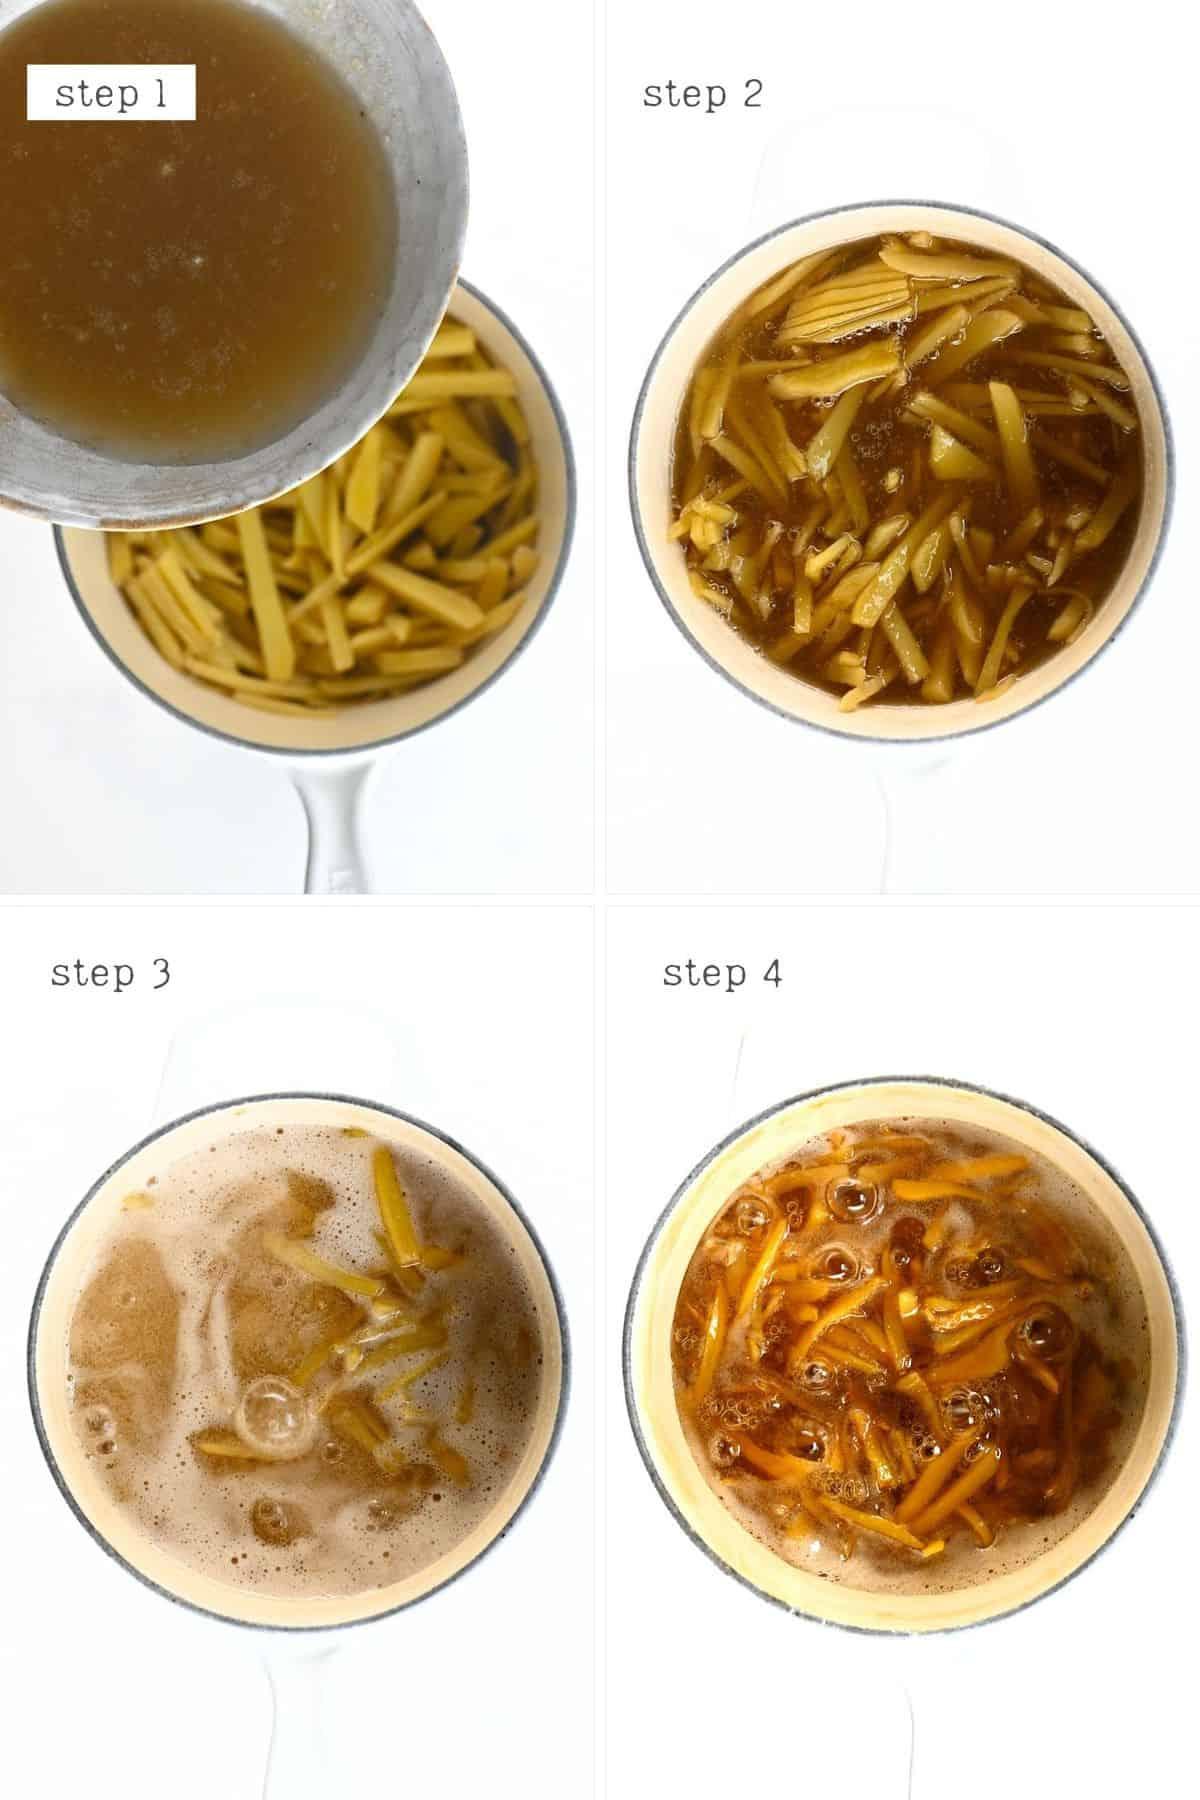 Steps for making ginger jam